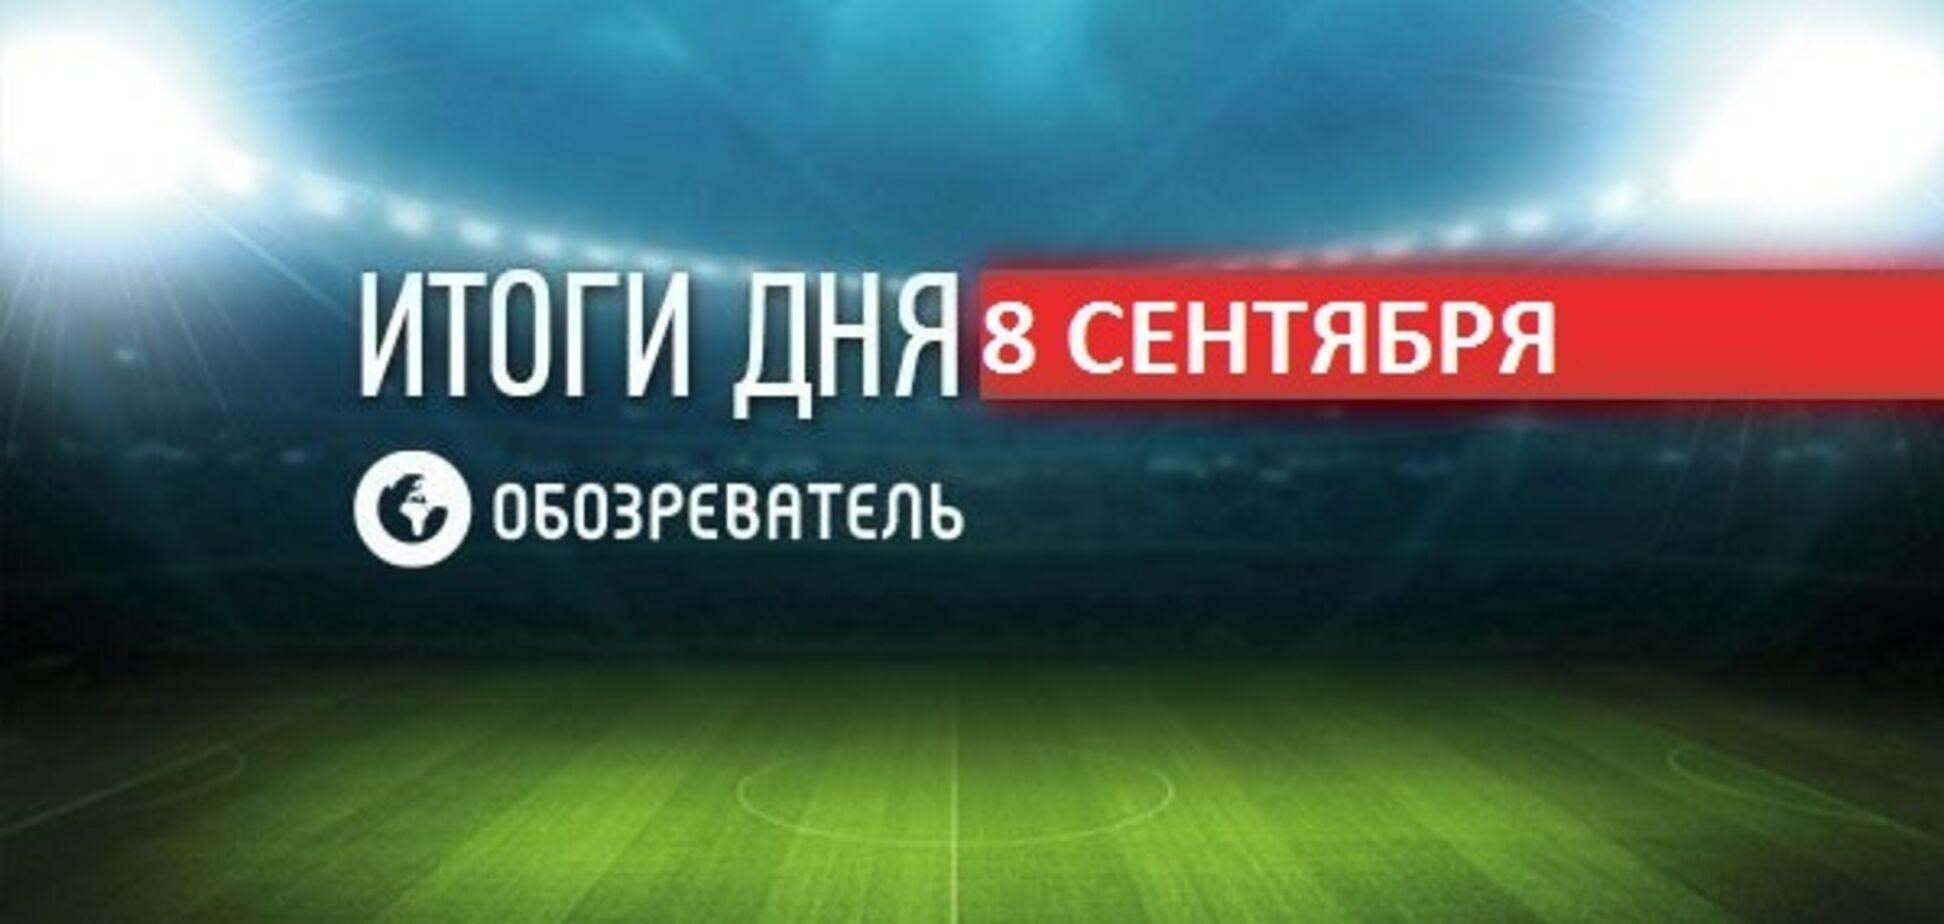 'Динамо' виграло перший матч за Михайличенка, забивши шість голів: спортивні підсумки 8 вересня